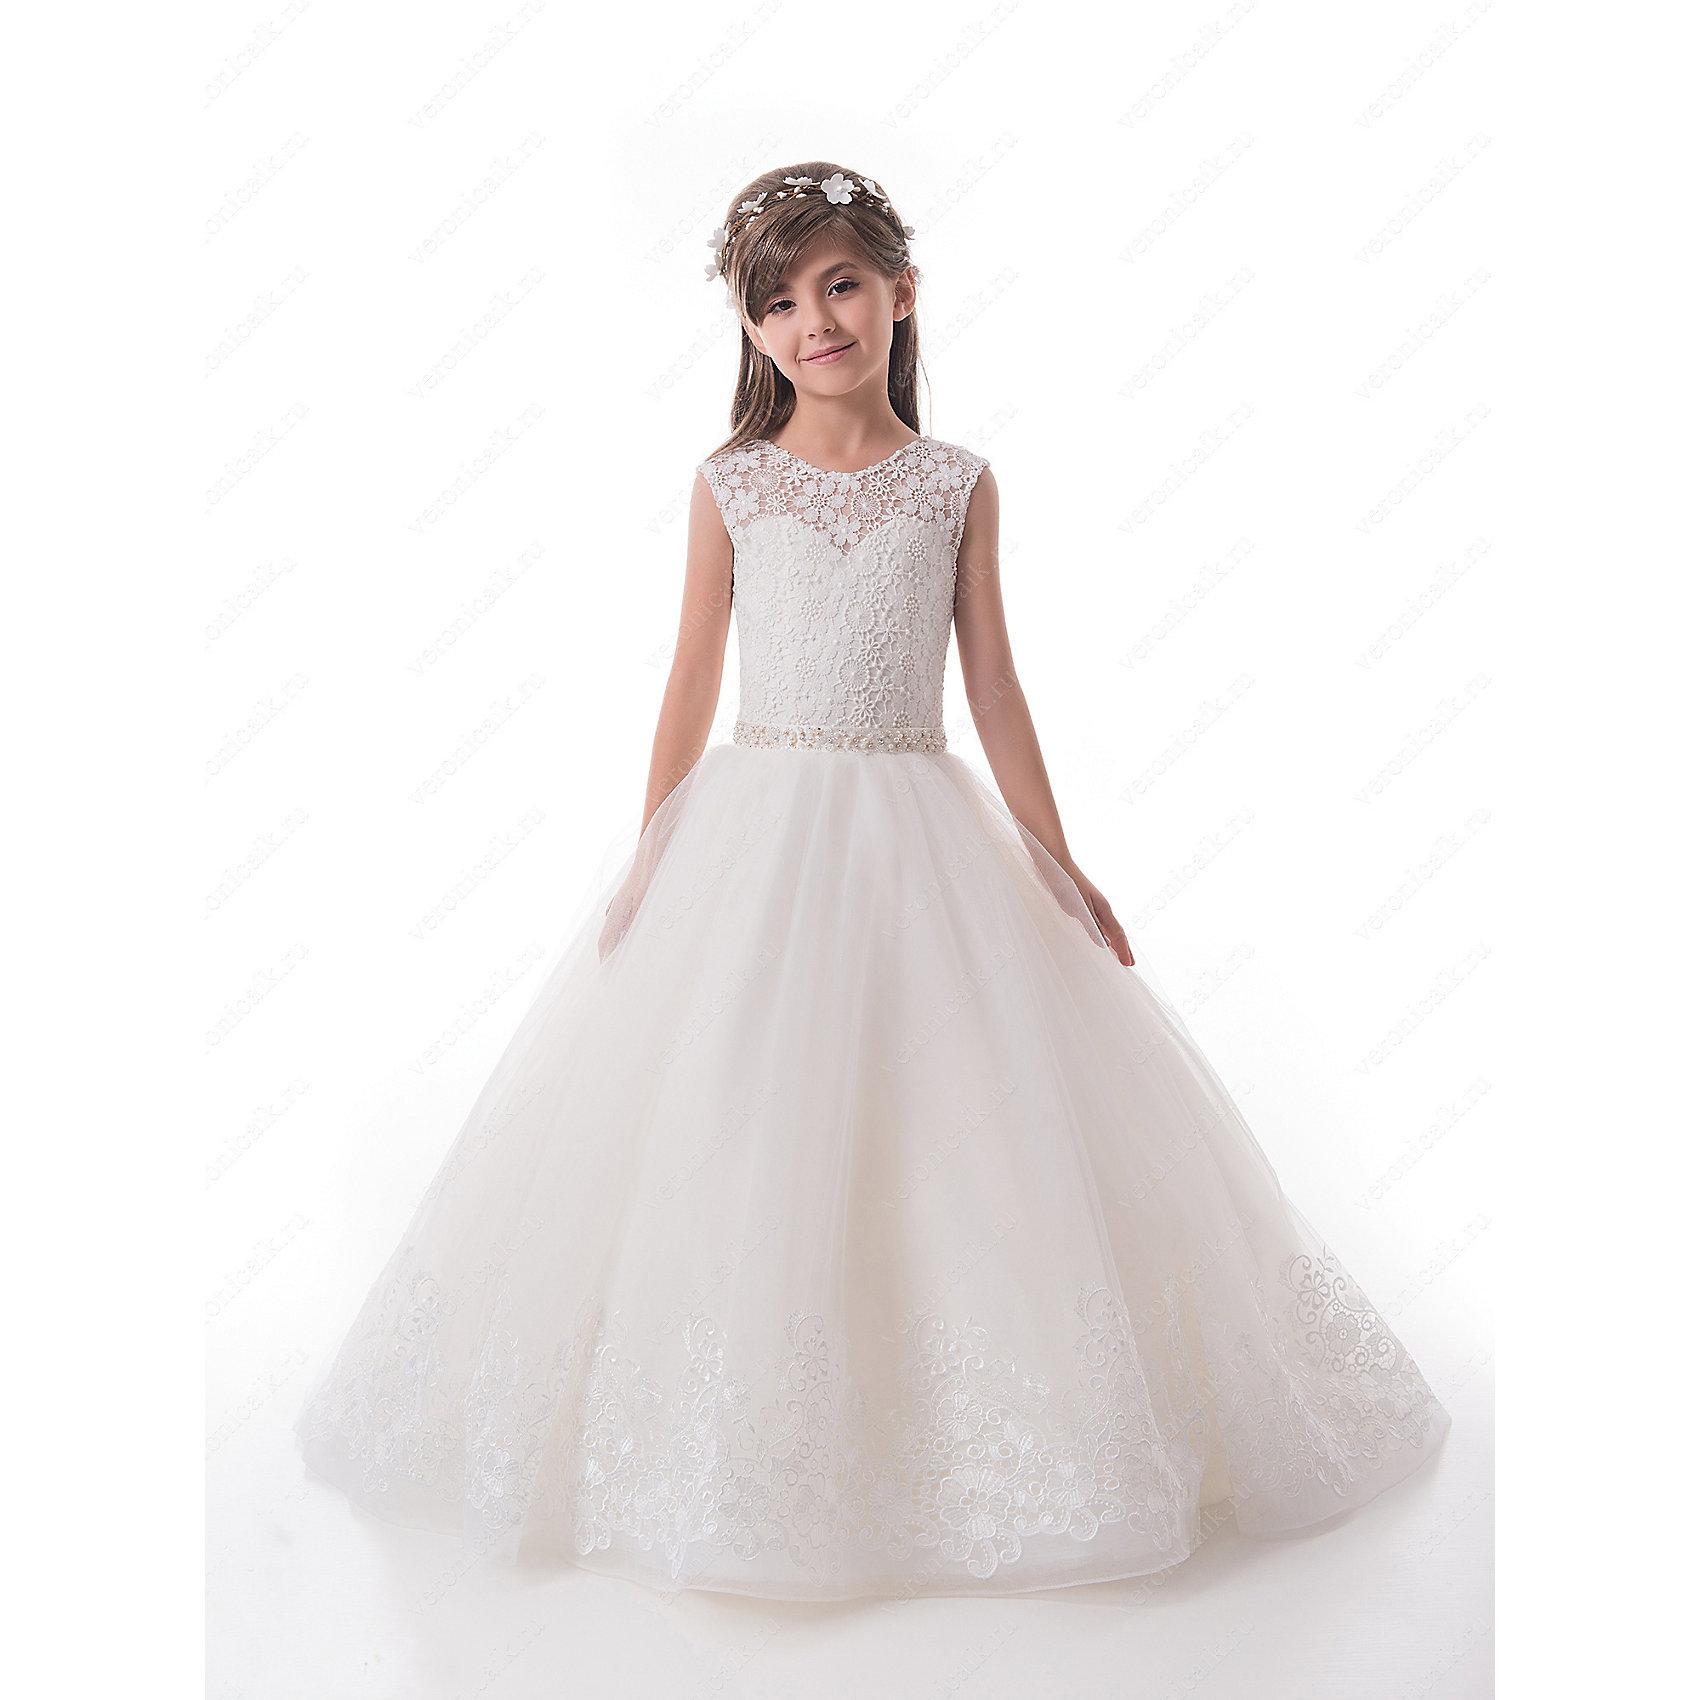 Платье нарядное для девочки ПрестижОдежда<br>Характеристики:<br><br>• Вид детской и подростковой одежды: платье<br>• Предназначение: праздничная<br>• Платье подходит для занятий бальными танцами.<br>• Коллекция: Trinity bride<br>• Сезон: круглый год<br>• Тематика рисунка: цветы<br>• Цвет: молочный, белый<br>• Материал: 100% полиэстер<br>• Силуэт: А-силуэт<br>• Юбка: со шлейфом<br>• Рукав: без рукава<br>• Вырез горловины: круглый<br>• Длина платья: длинное со шлейфом<br>• В комплекте предусмотрен пояс-бант<br>• Застежка: молния на спинке и шнуровка у корсета<br>• Особенности ухода: ручная стирка при температуре не более 30 градусов<br><br>Платье нарядное для девочки Престиж от отечественного производителя праздничной одежды и аксессуаров как для взрослых, так и для детей. Изделие выполнено из 100% полиэстера, который обладает легкостью, прочностью, устойчивостью к износу и пятнам. <br><br>Платье отрезное по талии, имеет классический А-силуэт и круглую горловину. Верх платья, представляющий собой корсет, имеет застежку-молнию и шнуровку на спинке, что обеспечивает хорошую посадку платья по фигуре. Классический стиль платья дополнен эффектными деталями и декором. Кружевной верх и вышитый цветочный орнамент по подолу и шлейфу пышной юбки, придают изделию особую изысканность и очарование. Пояс-бант, расшитый спереди стразами создает эффект мягкого мерцания и законченность торжественного образа. <br><br>Платье нарядное для девочки Престиж – это неповторимый стиль вашей девочки на любом торжестве!<br><br>Платье нарядное для девочки Престиж можно купить в нашем интернет-магазине.<br><br>Ширина мм: 236<br>Глубина мм: 16<br>Высота мм: 184<br>Вес г: 177<br>Цвет: белый<br>Возраст от месяцев: 72<br>Возраст до месяцев: 84<br>Пол: Женский<br>Возраст: Детский<br>Размер: 122,128,116<br>SKU: 5387741